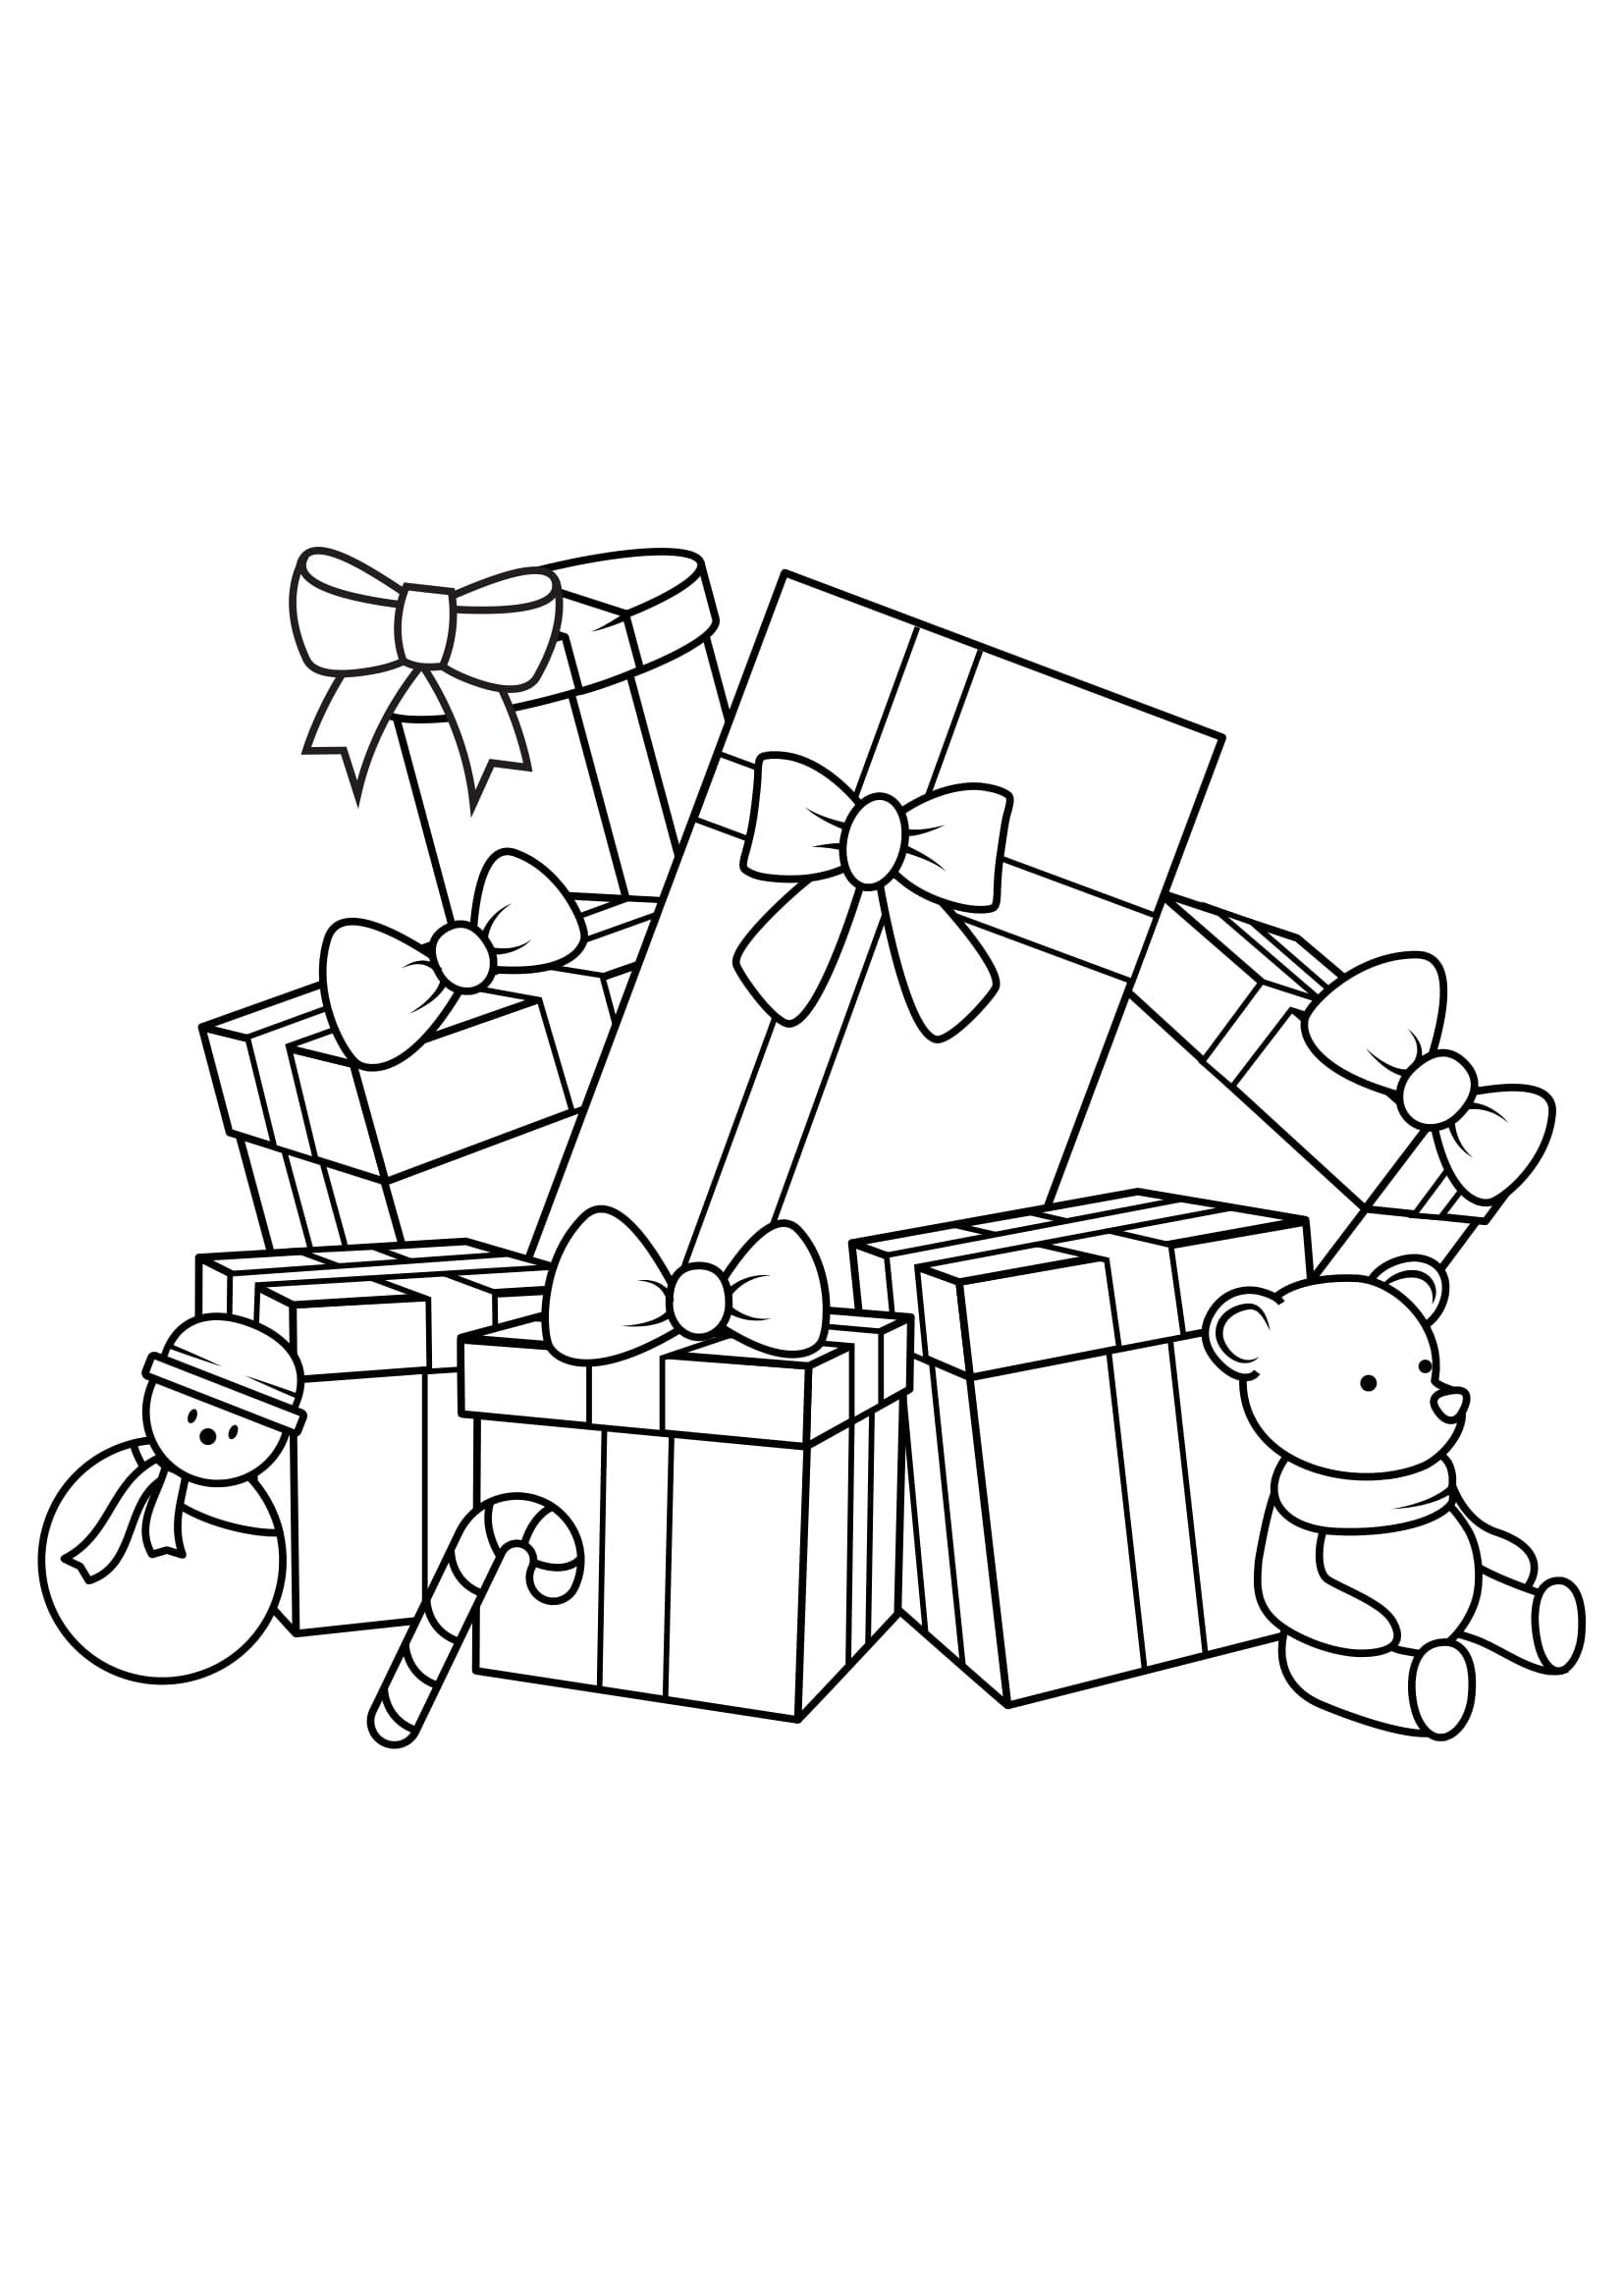 Disegni Di Natale Per Bambini Piccoli